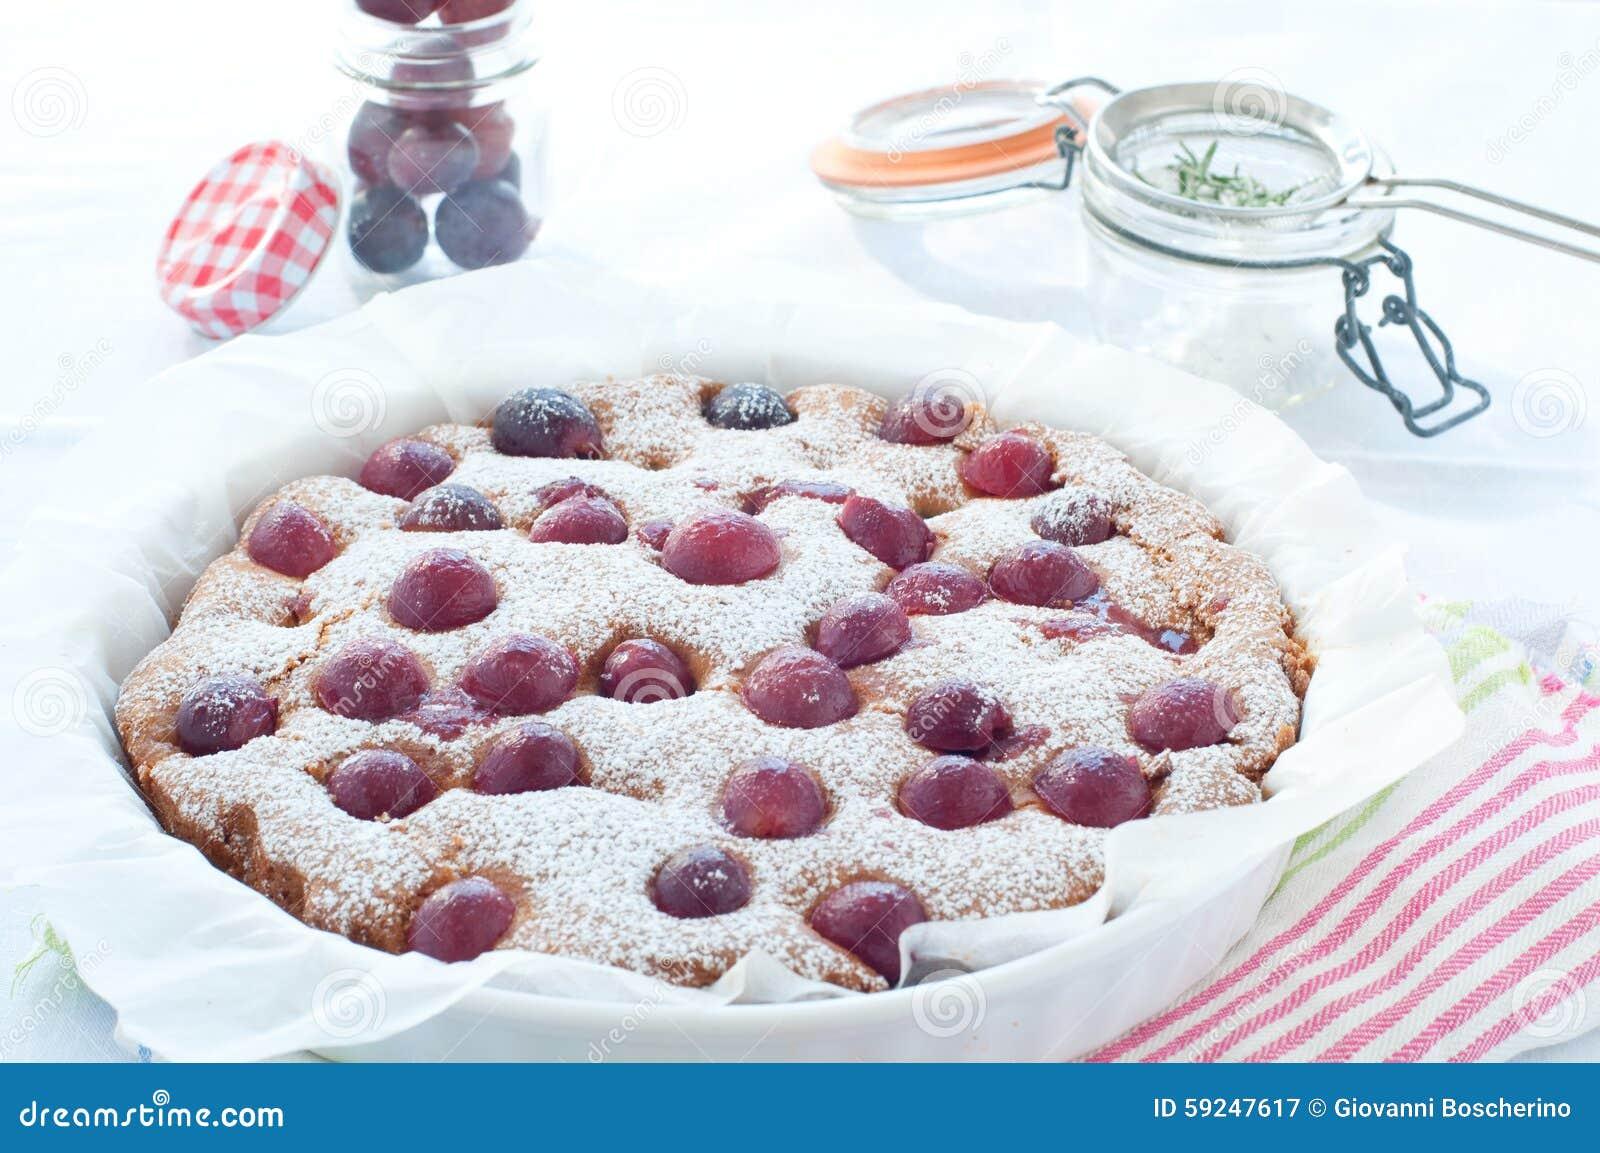 Torta fresca con la estación de la uva roja y el azúcar de formación de hielo